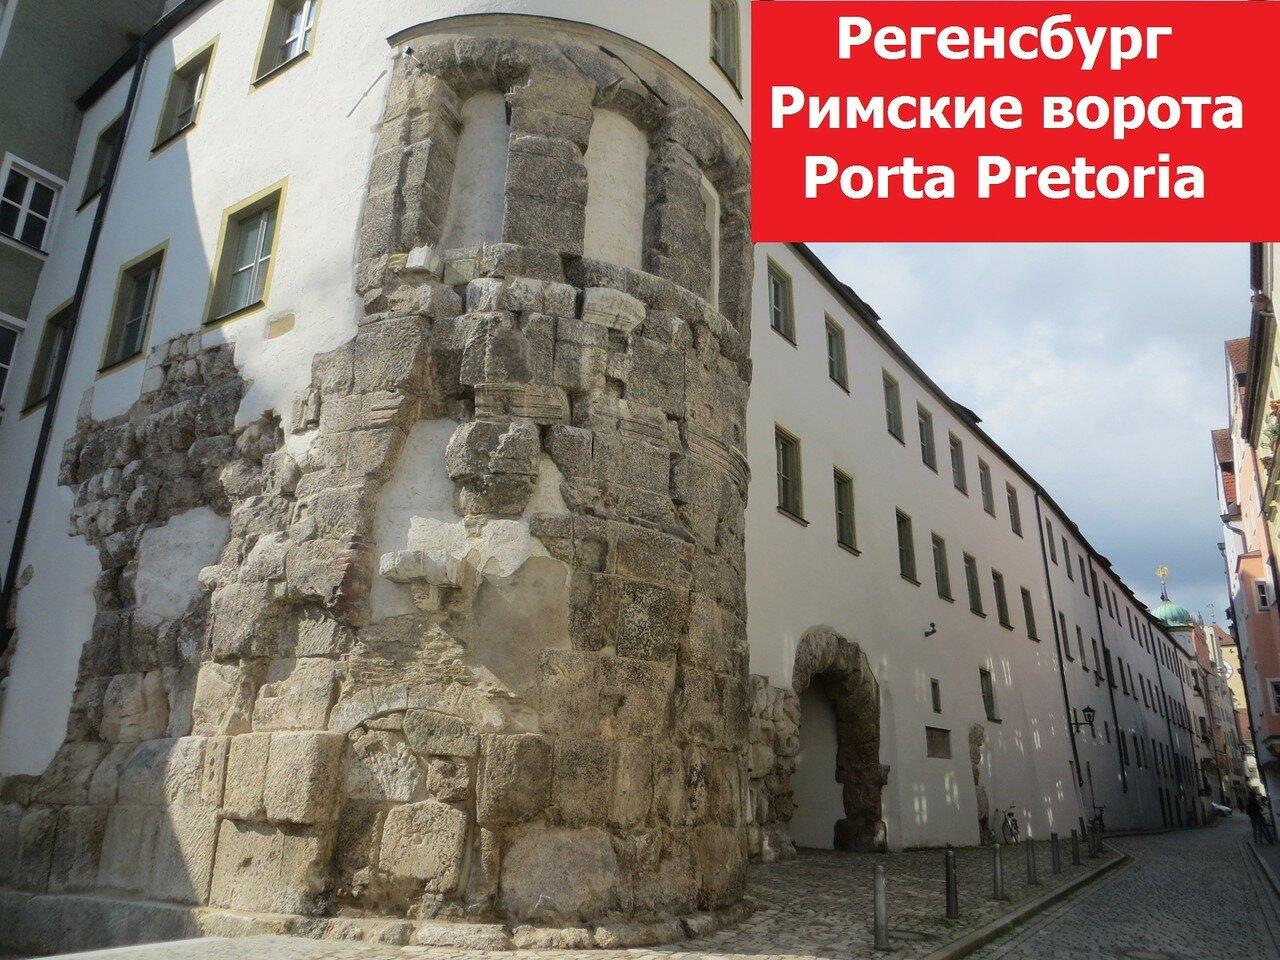 Достопримечательности Регенсбурга на немецком языке: Порта Претория - римский архитектурный шик. Аудиогид